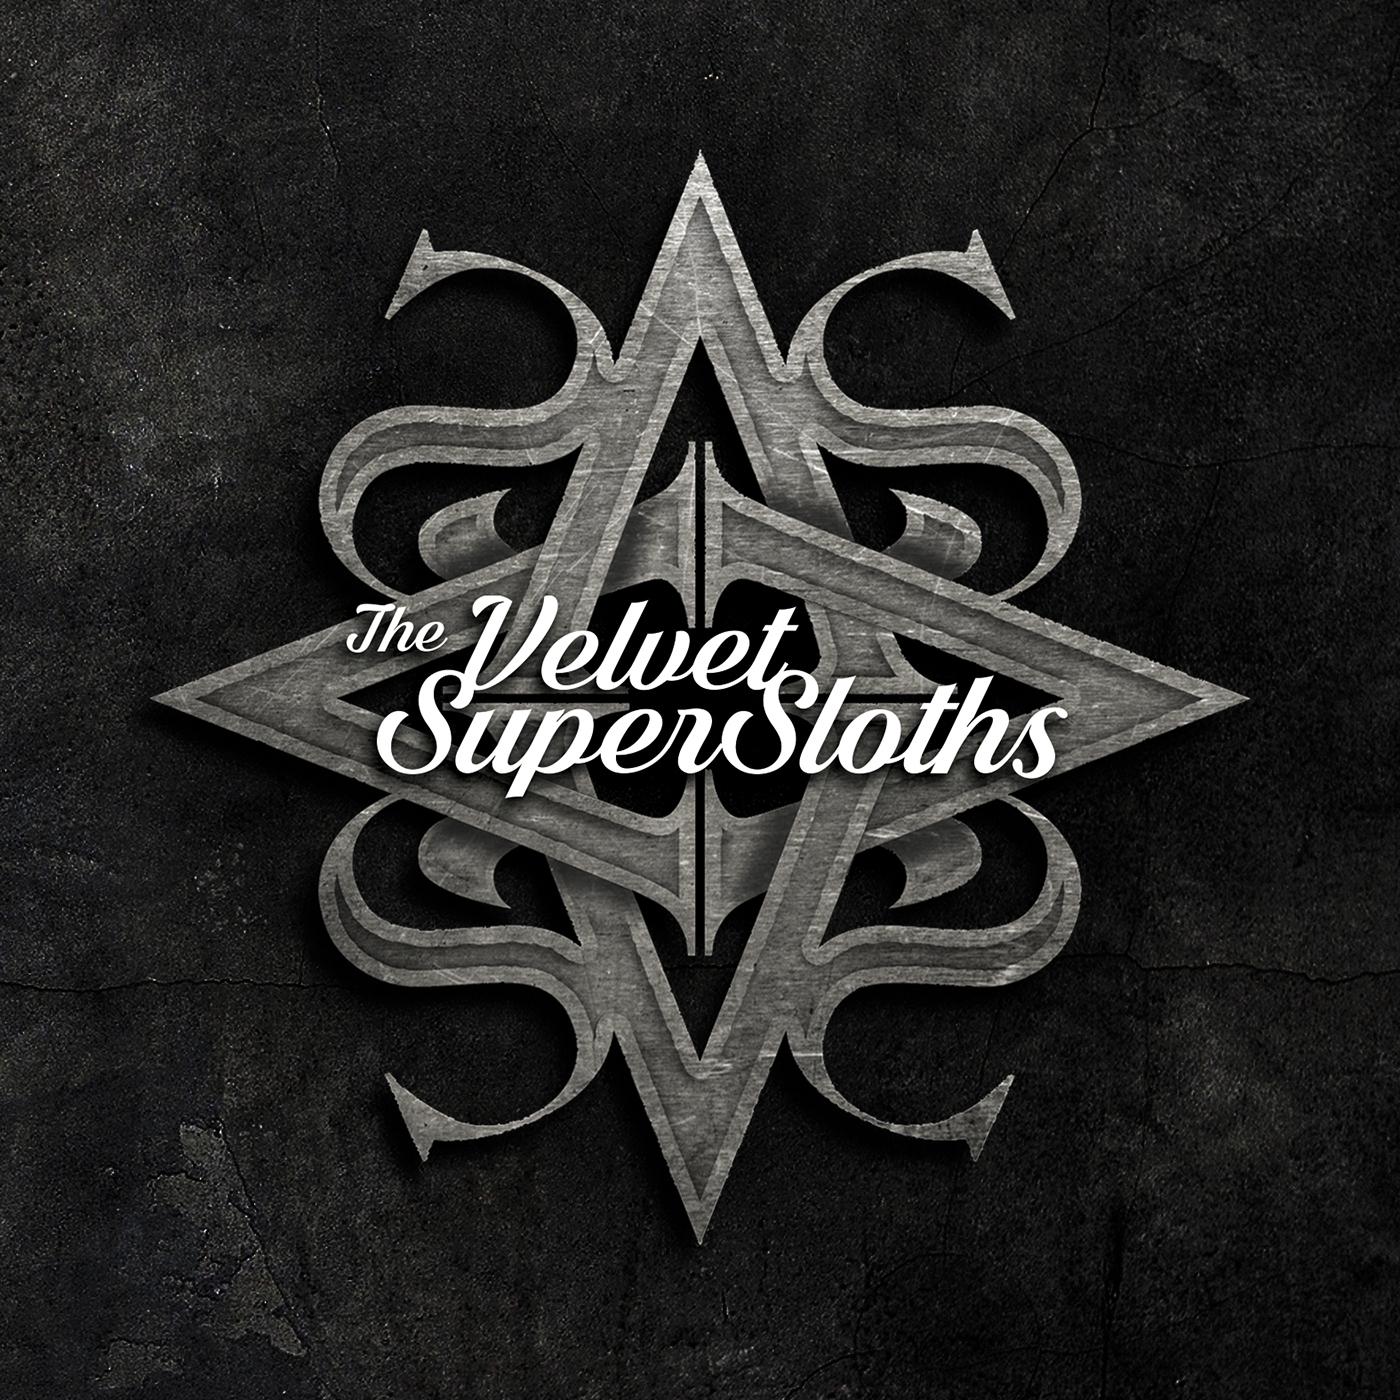 The Velvet SuperSloths  album cover art.jpg